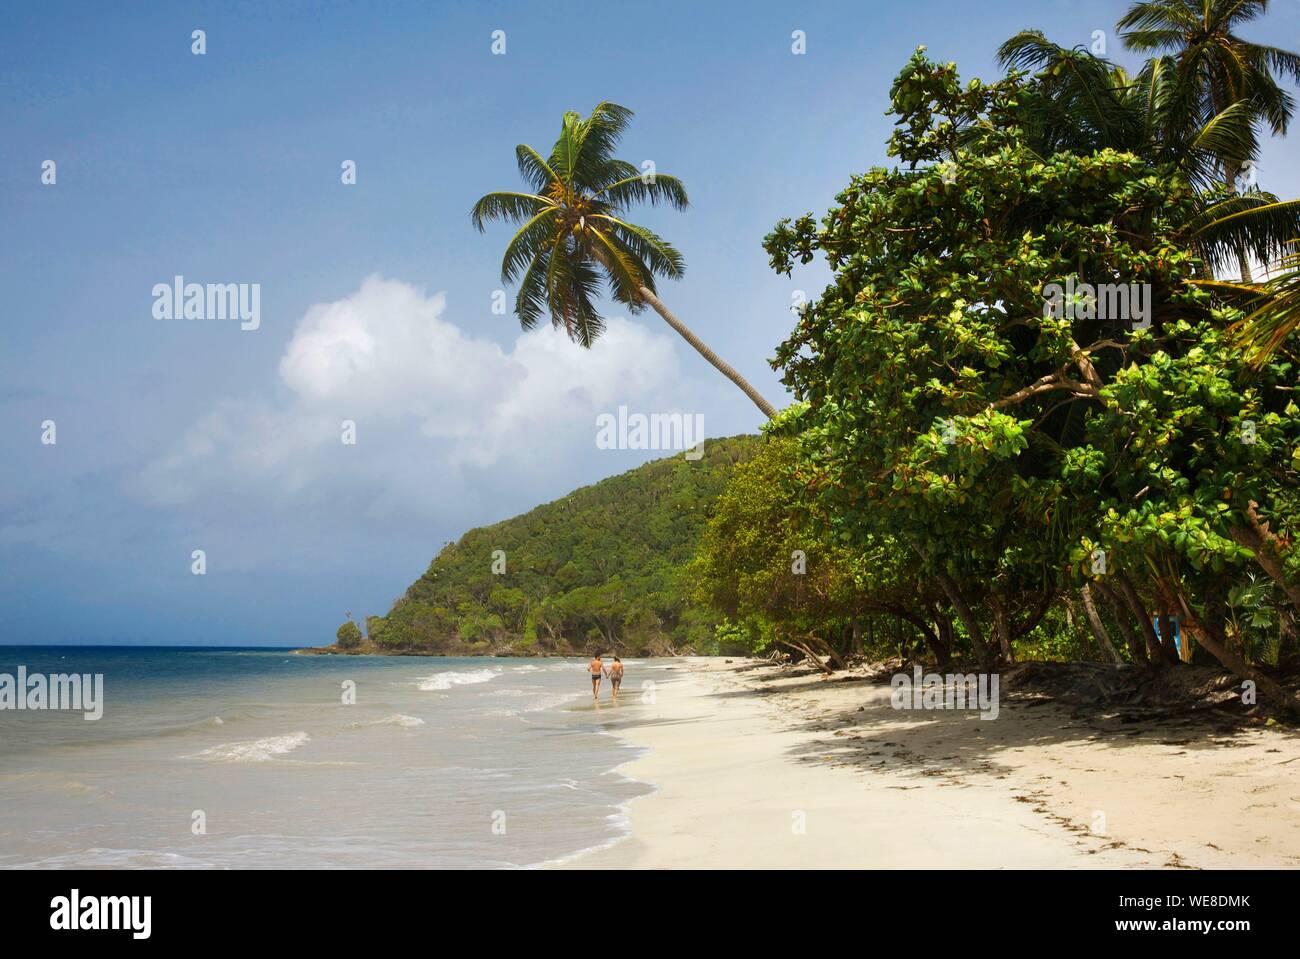 Colombia, la isla de Providencia, par de caminar en la playa de Manzanillo revestidos con altos cocoteros y bañada por el Mar Caribe Foto de stock